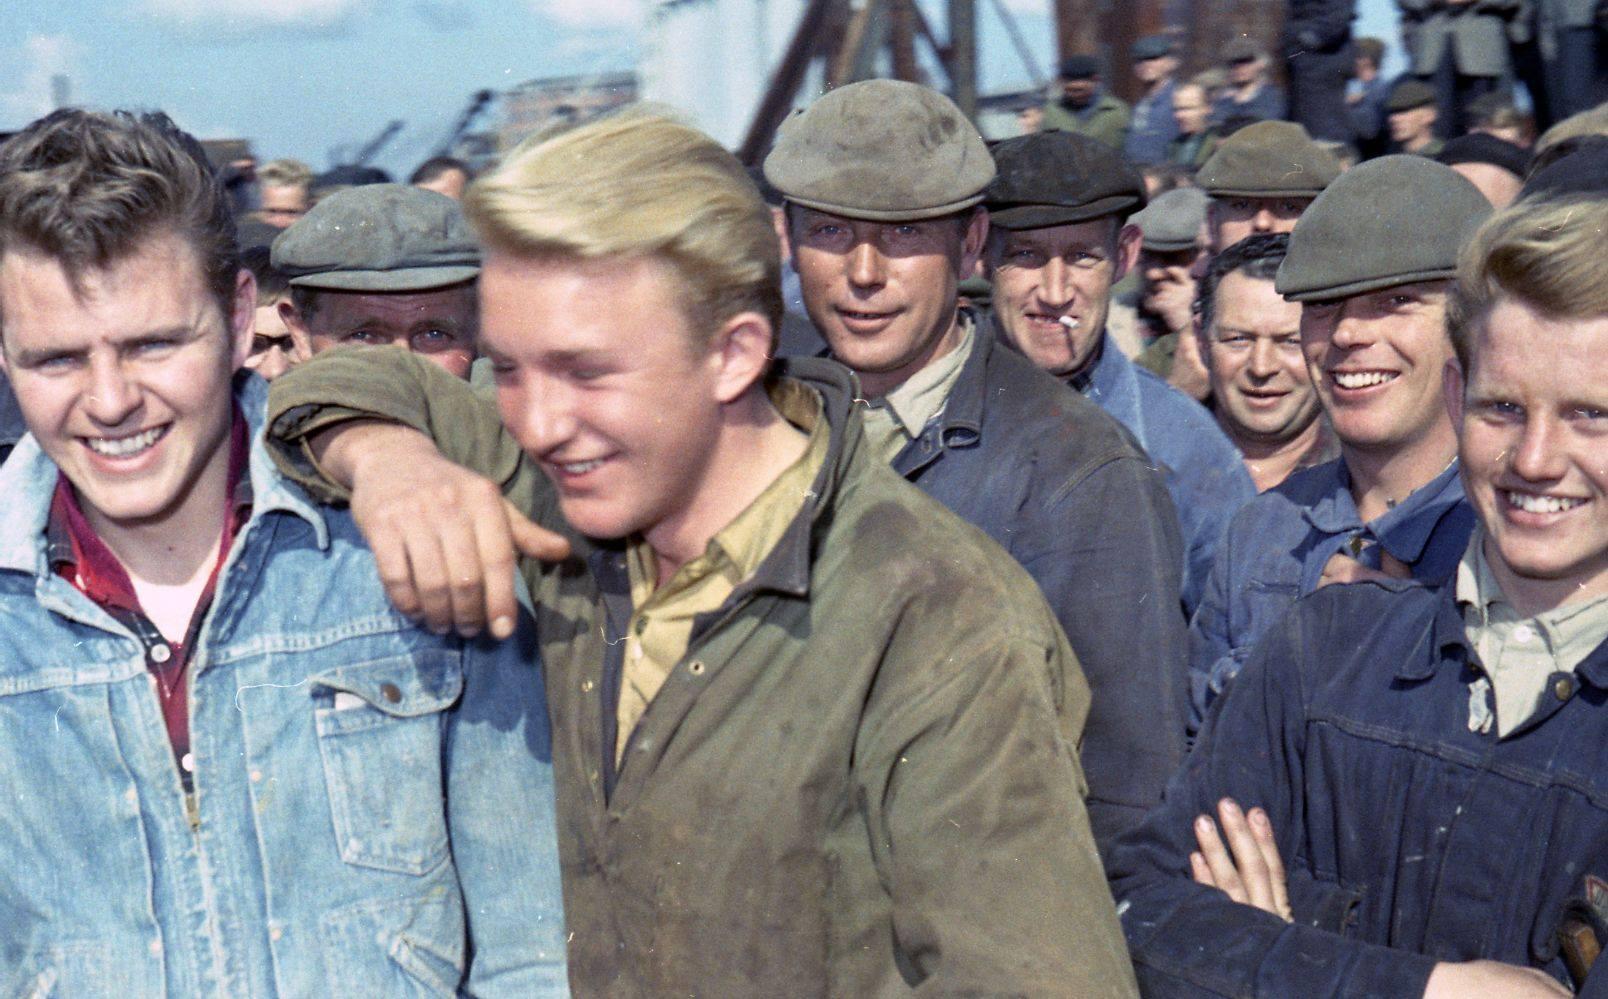 Unge værftsarbejdere smiler til fotografen